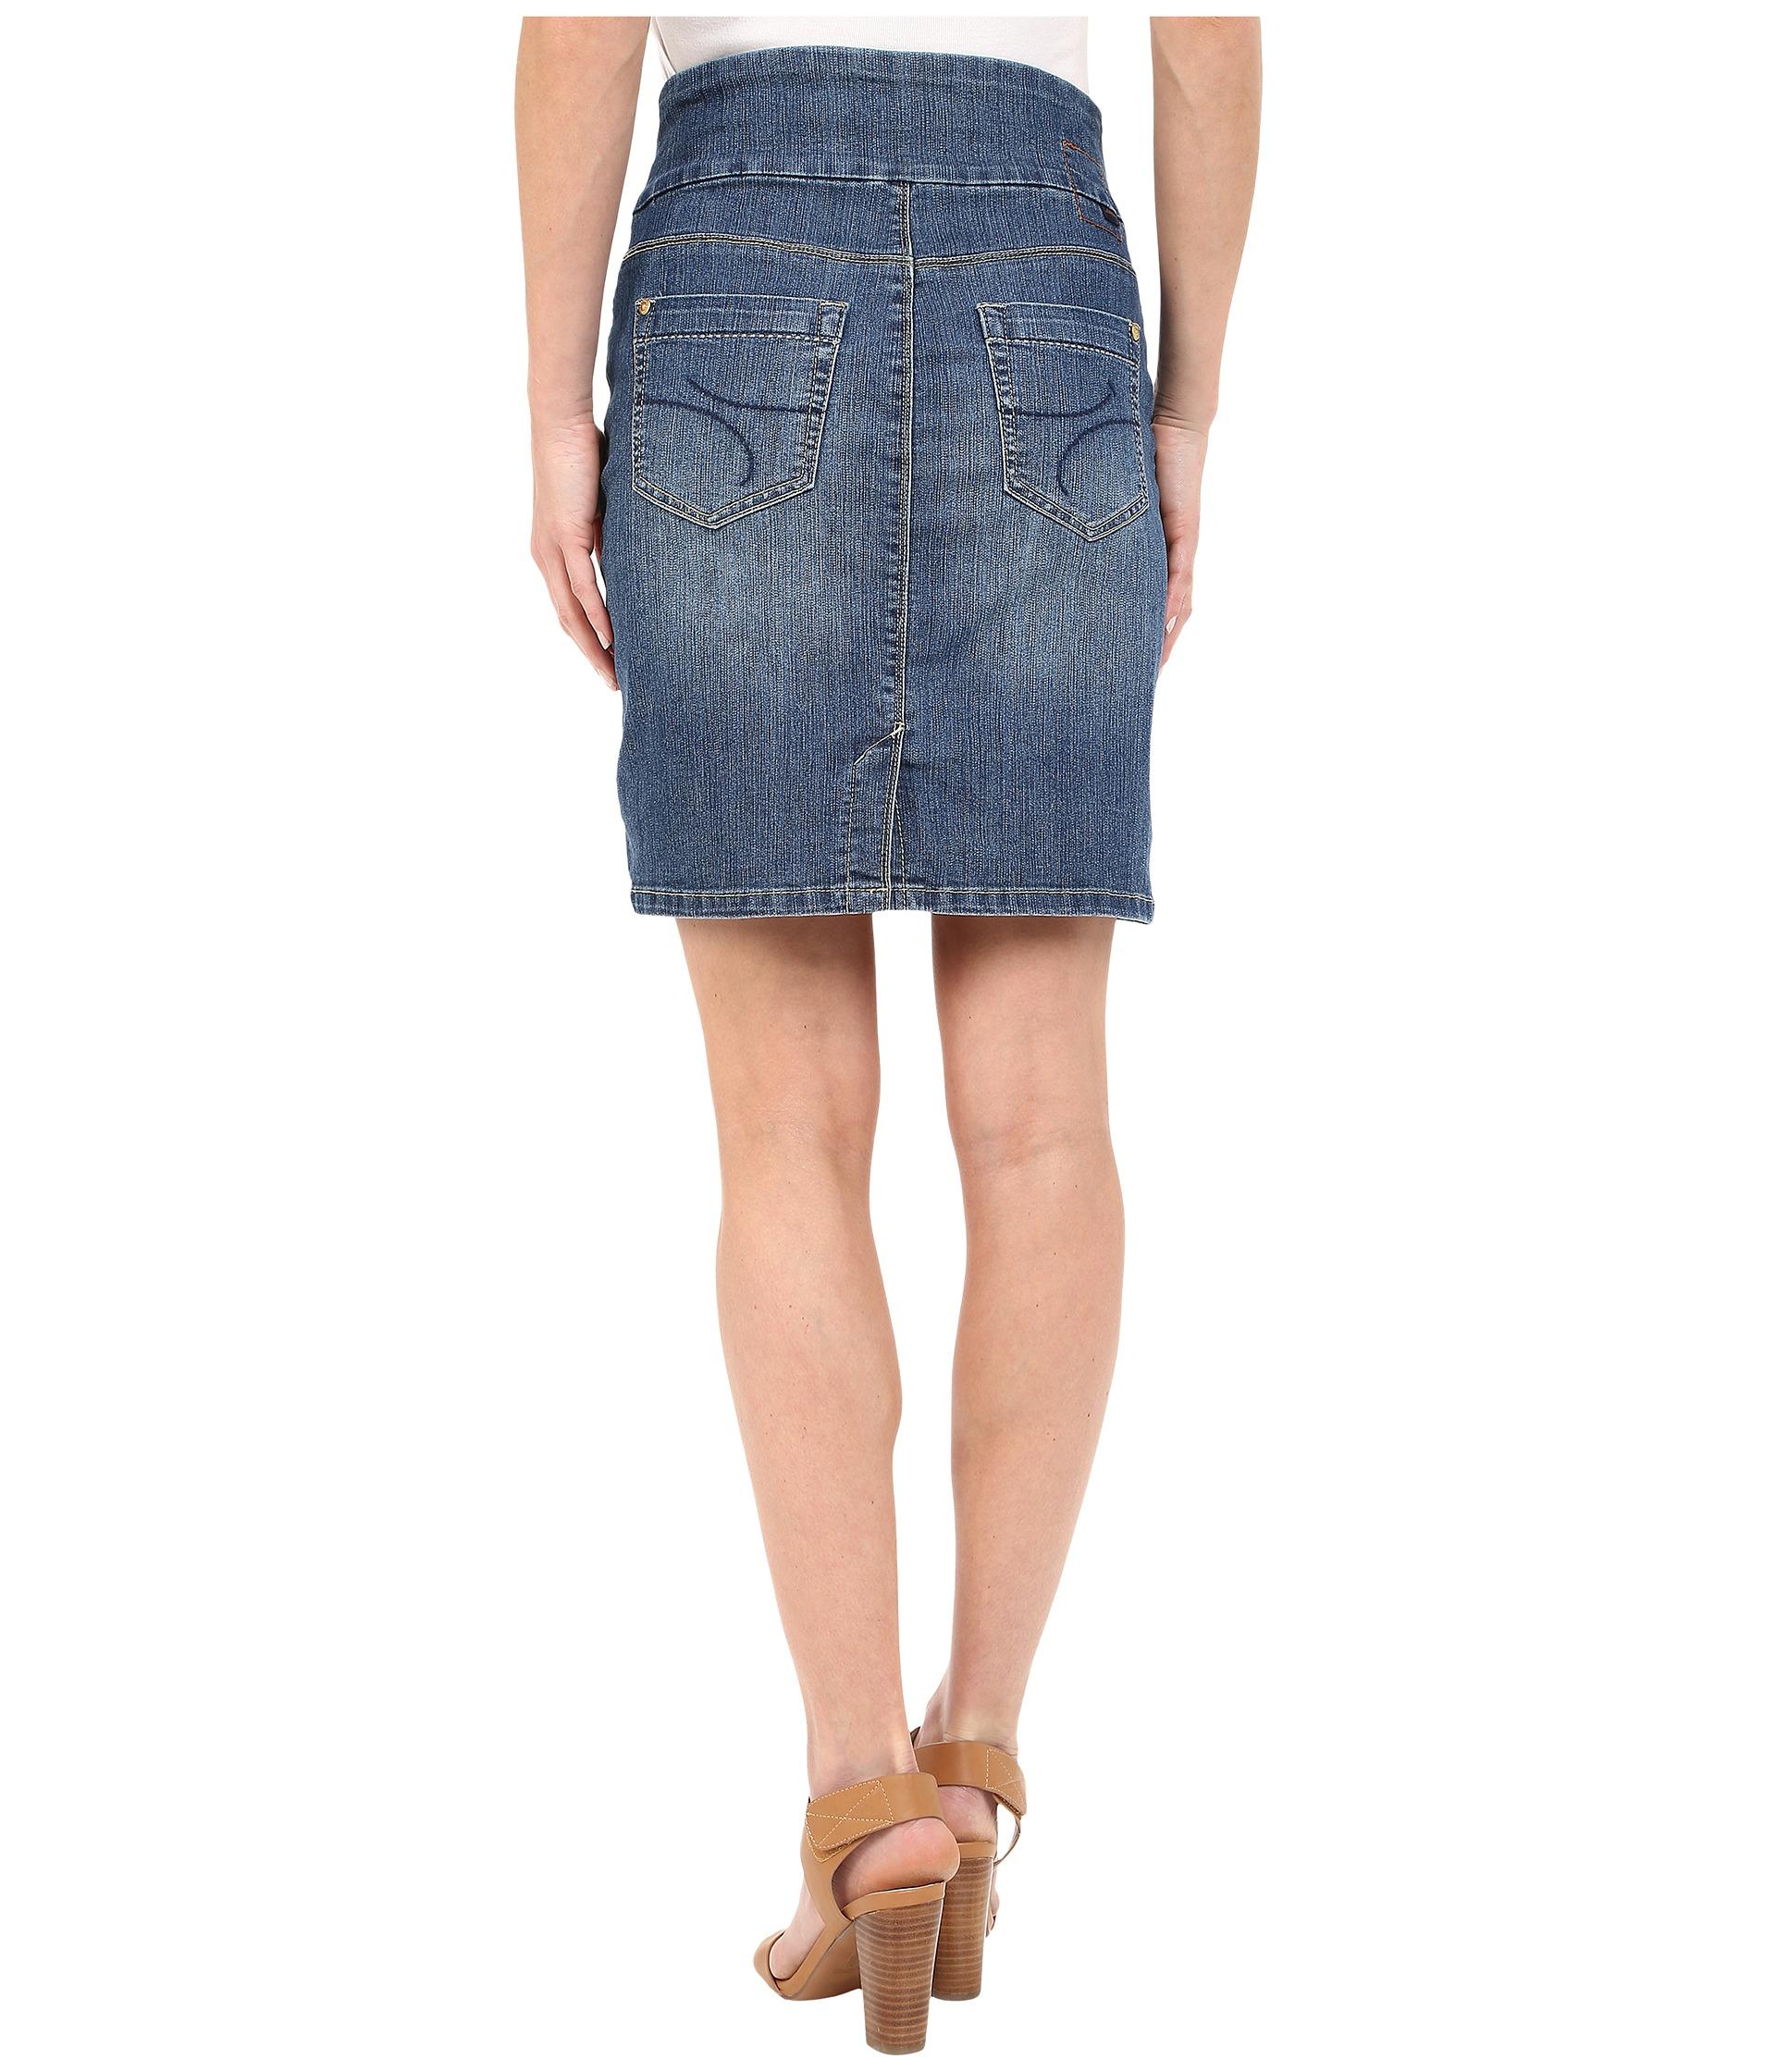 jag ingram skirt comfort denim in high tide zappos